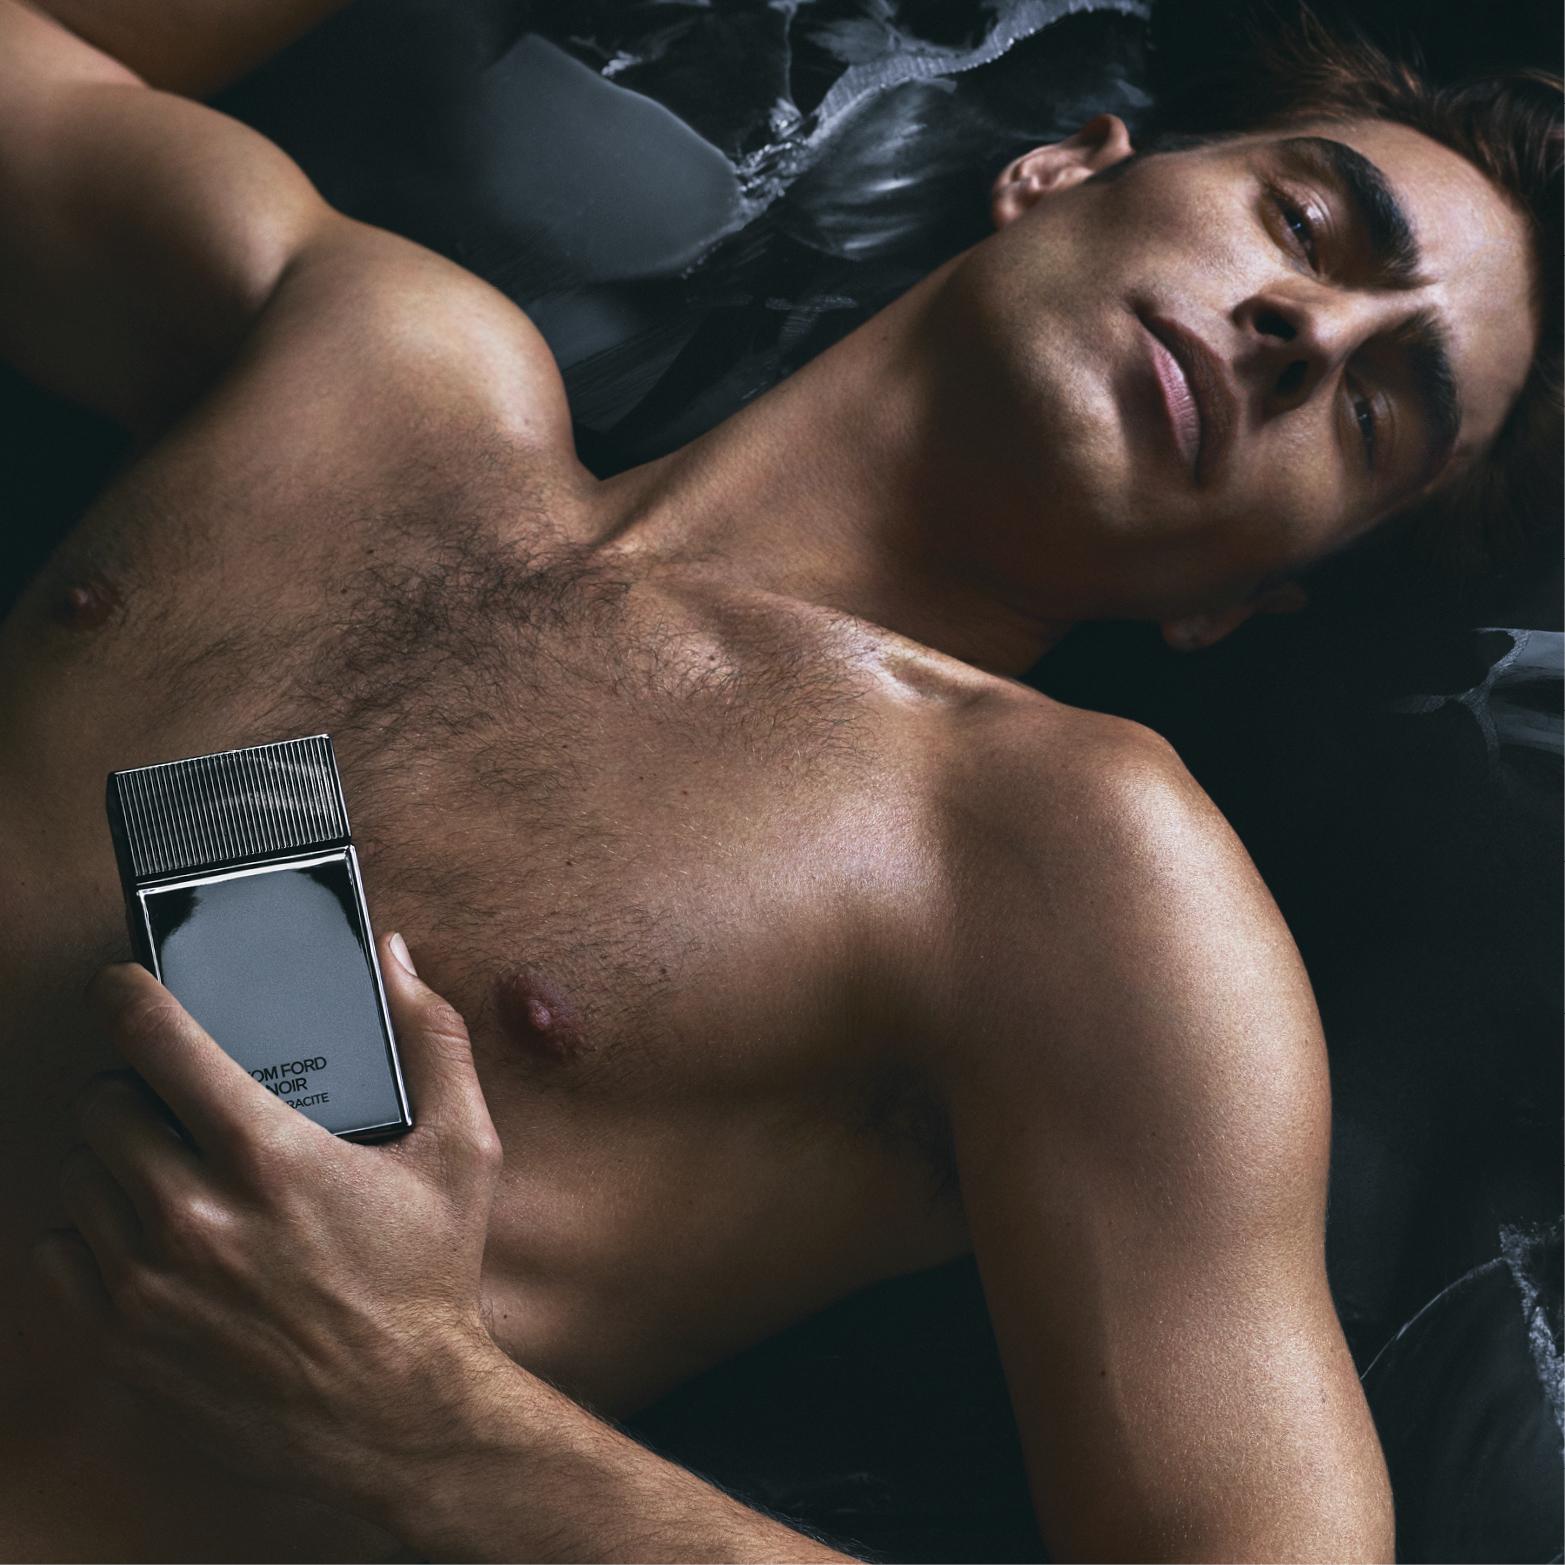 Tom Ford: Đàn ông ngủ với đàn ông không thể quy kết là gay